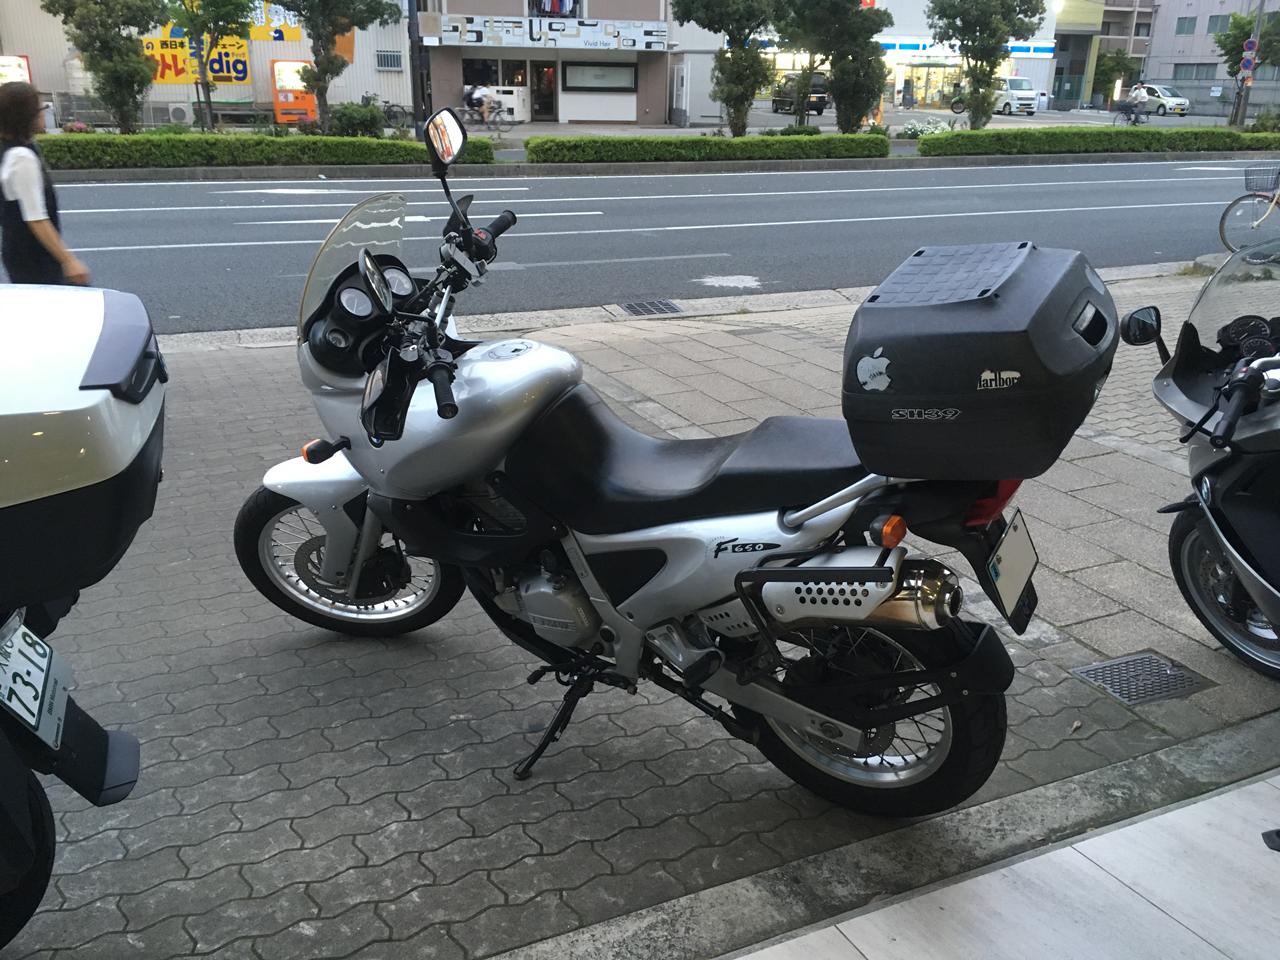 バイク修理完了!愛車【BMW F650】復活しました。